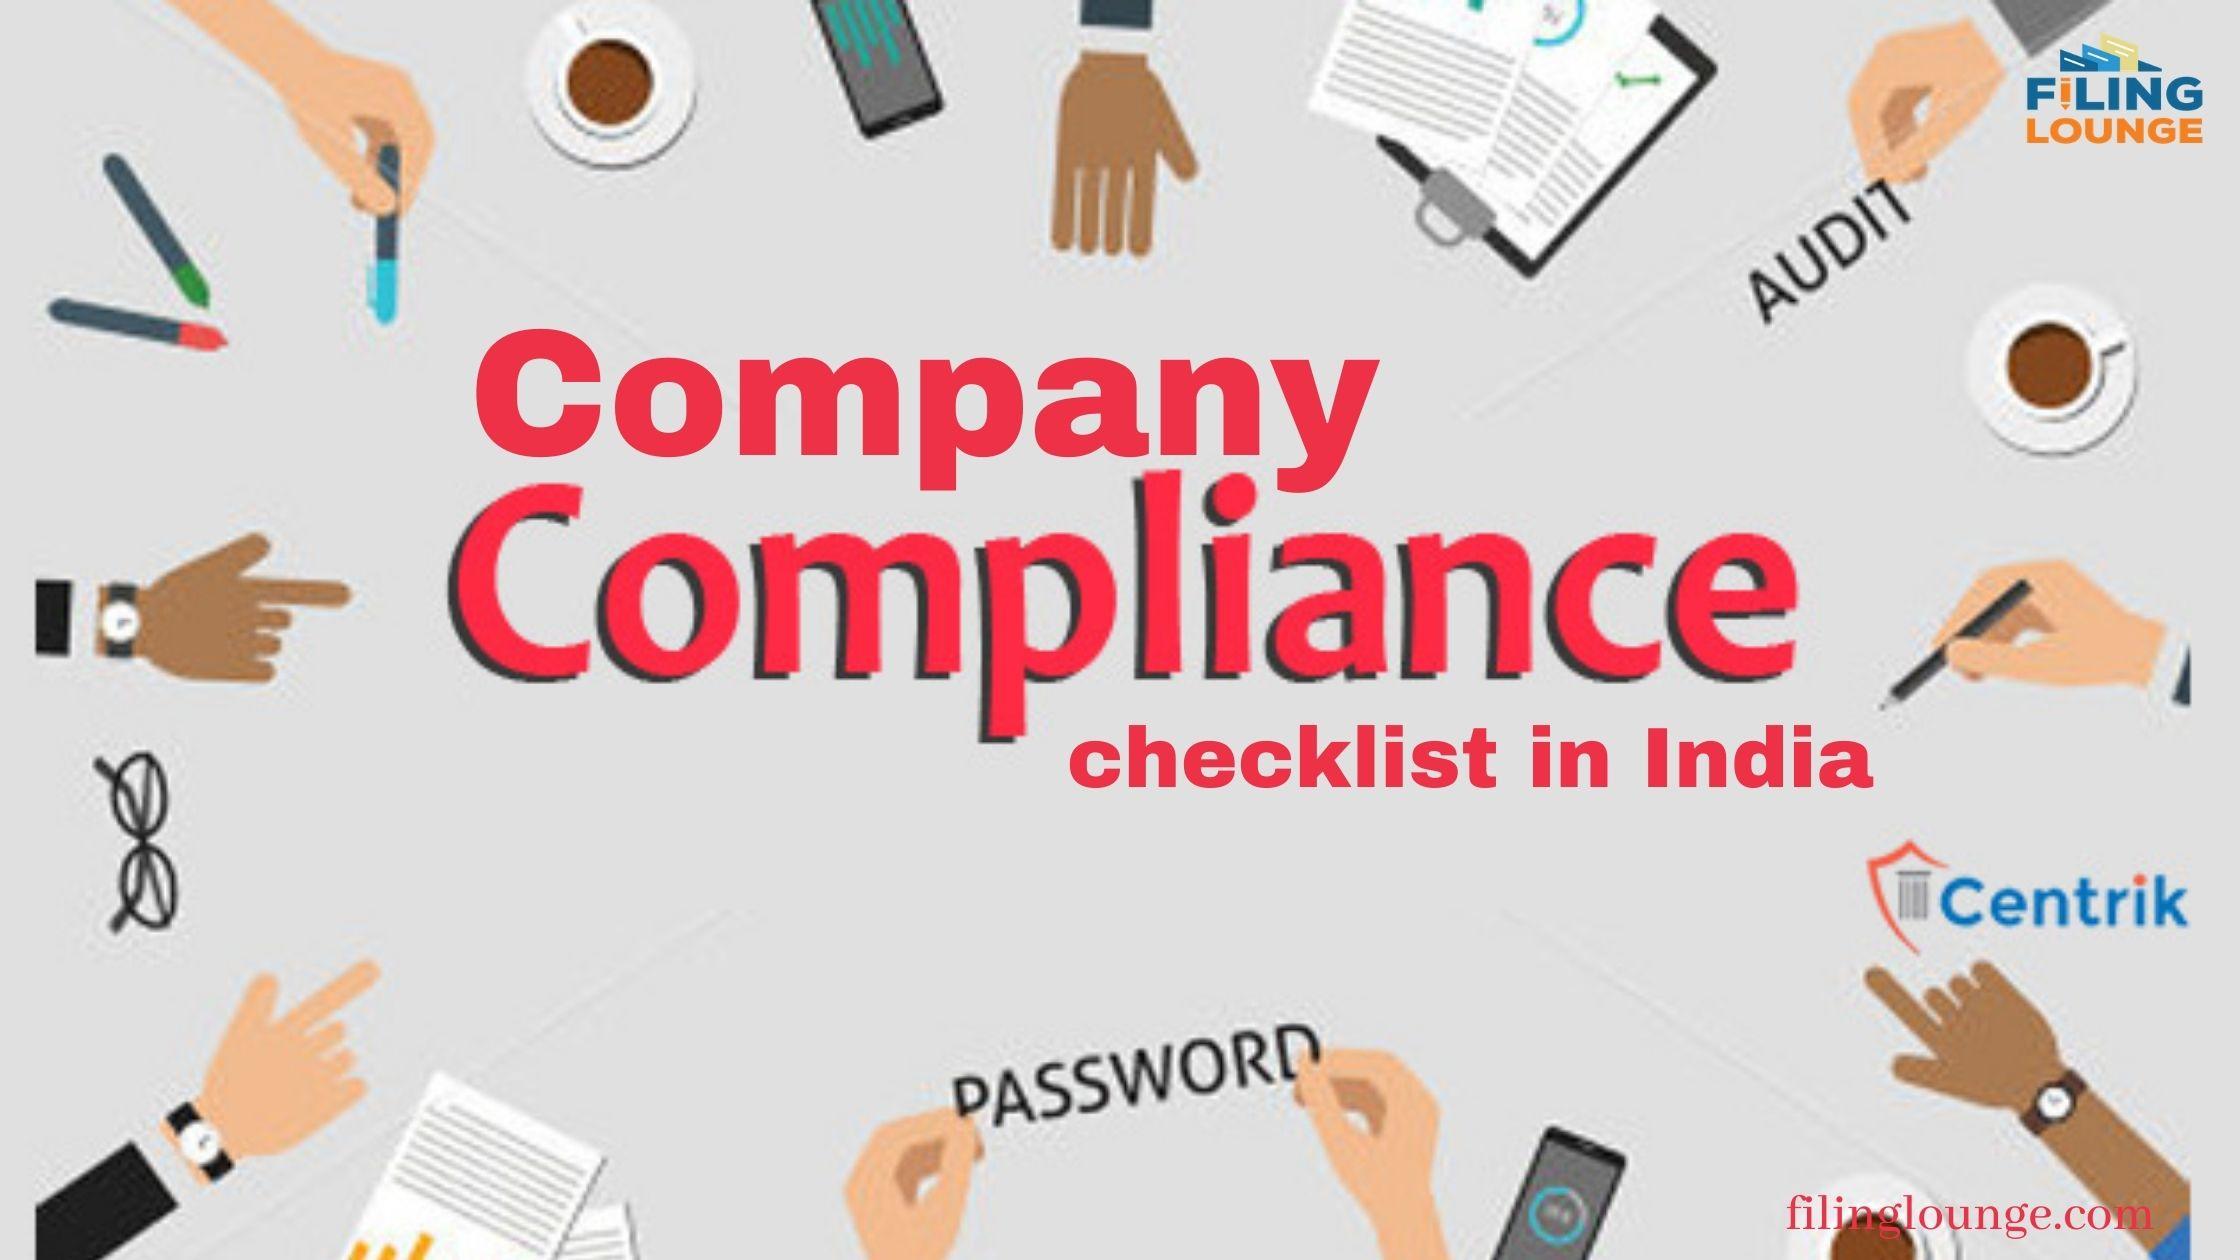 Company Compliance Checklist in India